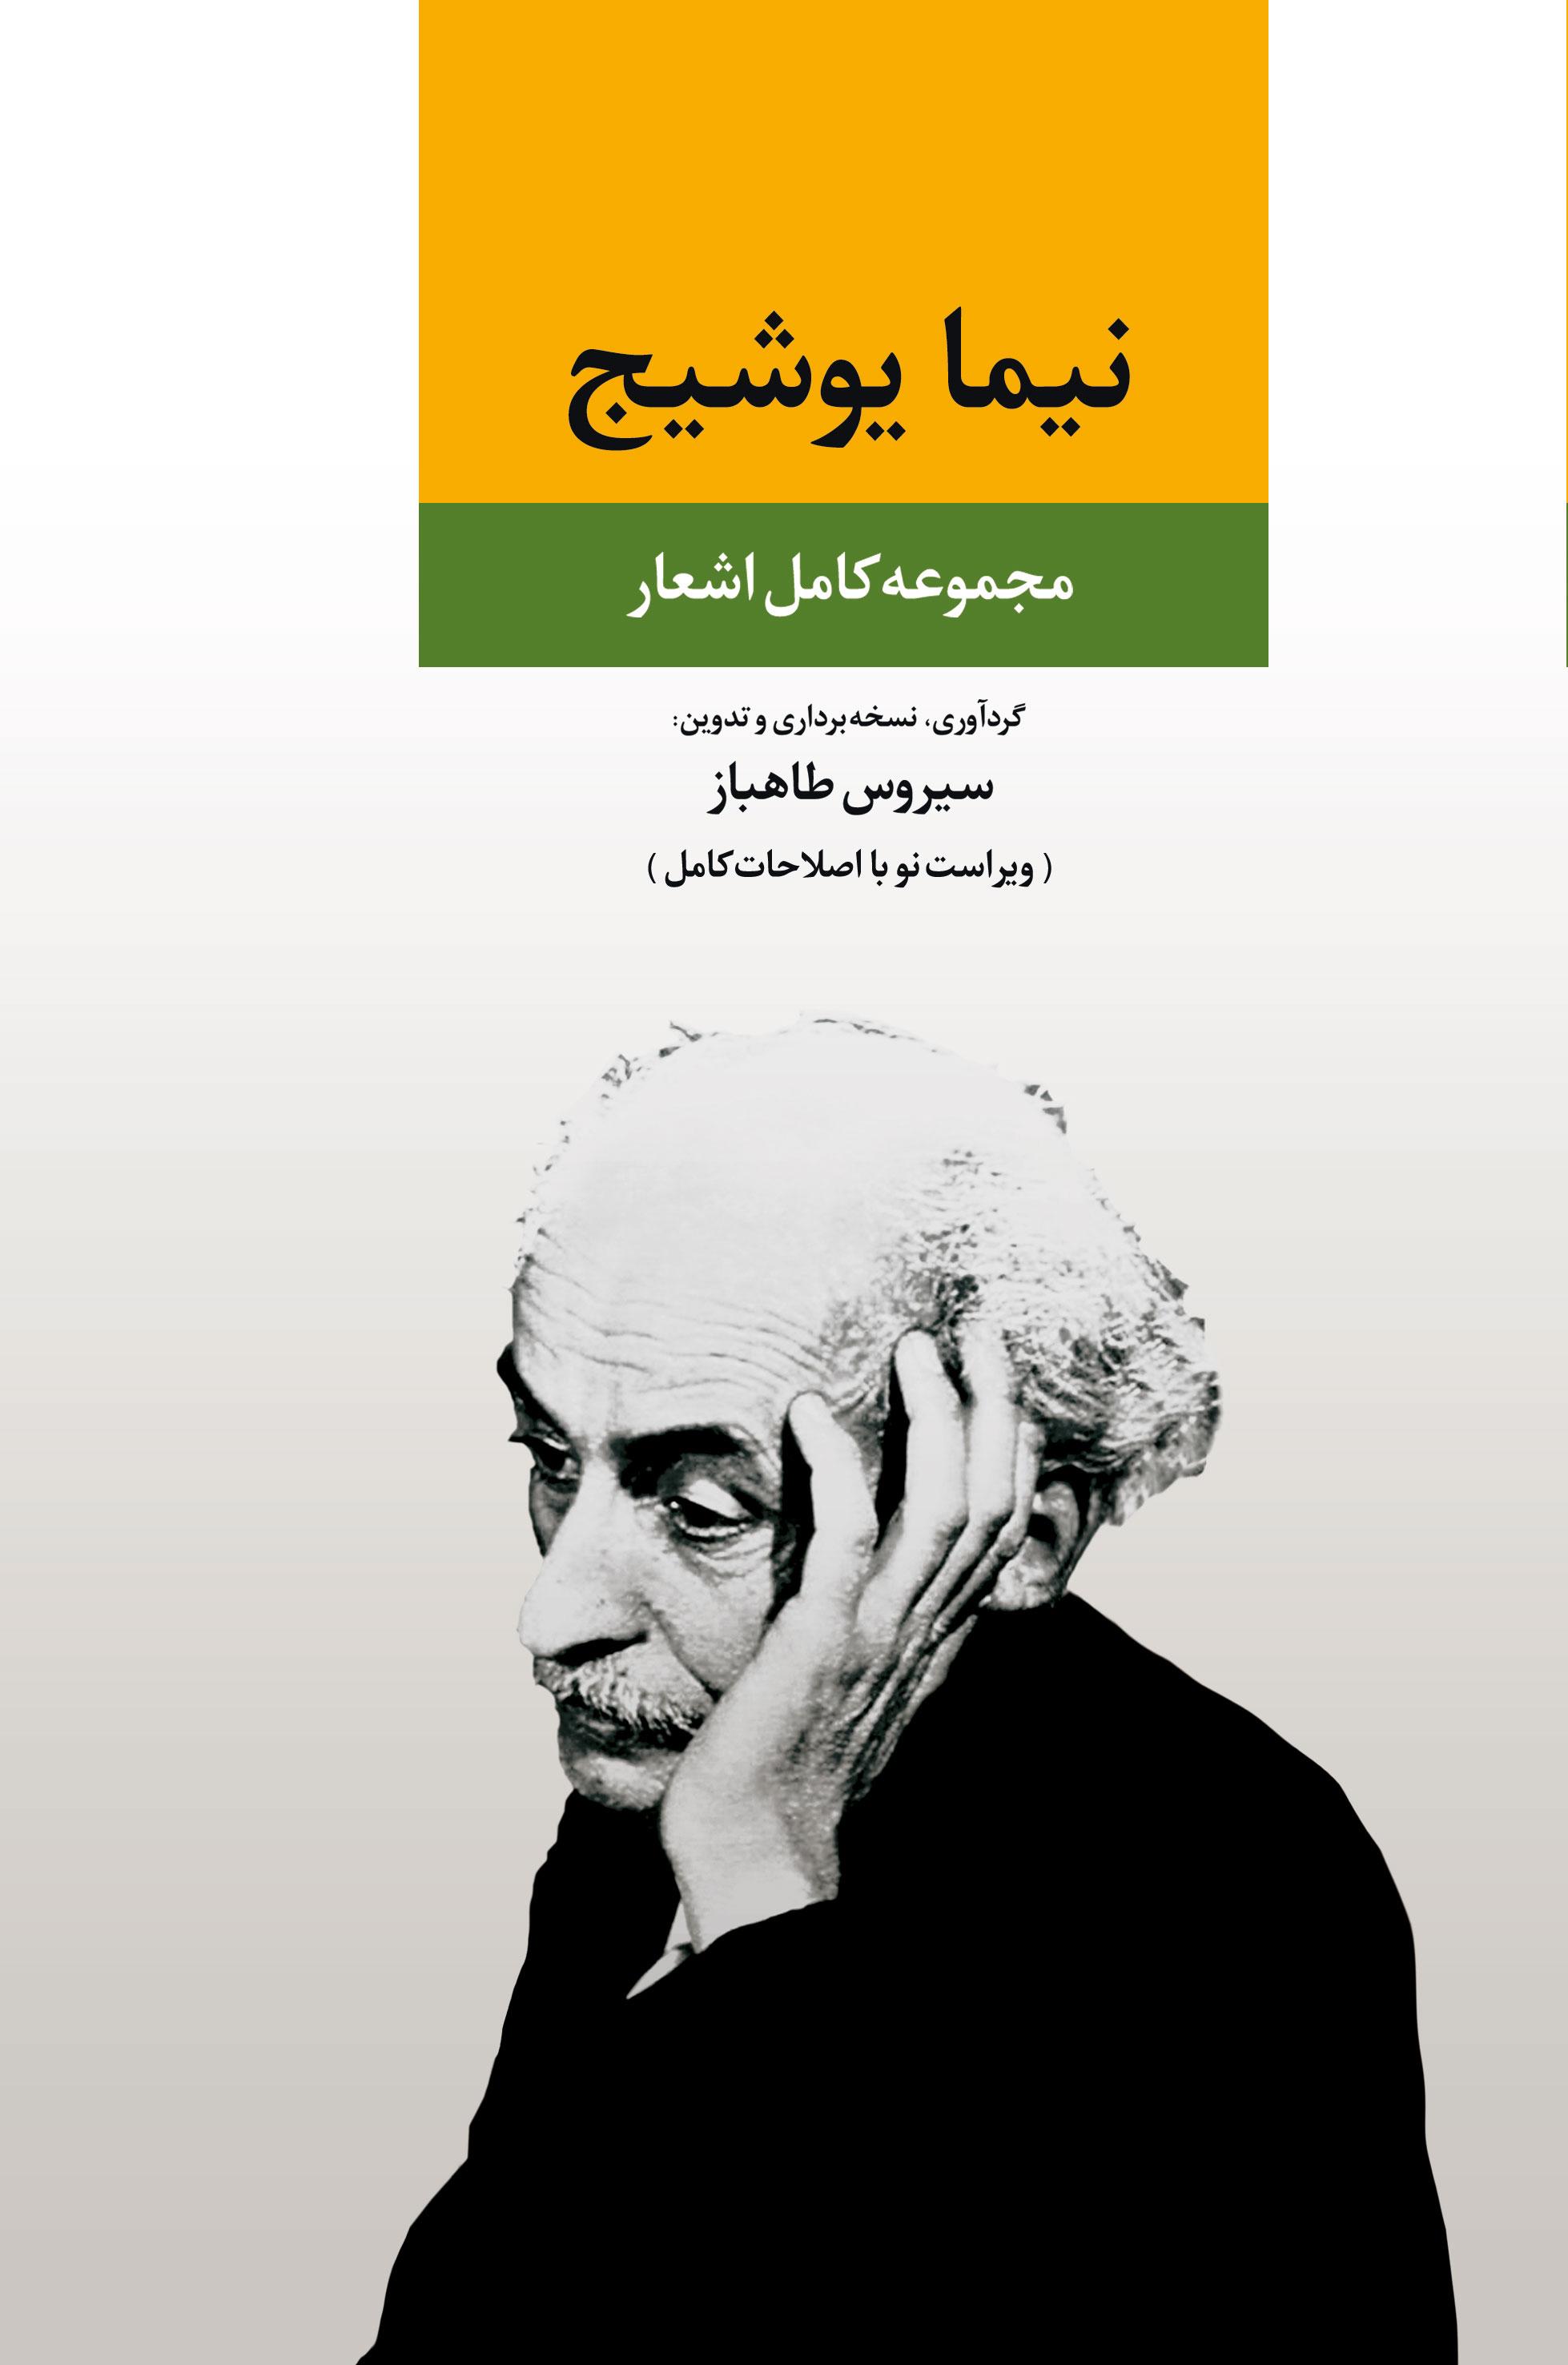 کتاب مجموعه کامل اشعار نیما یوشیج